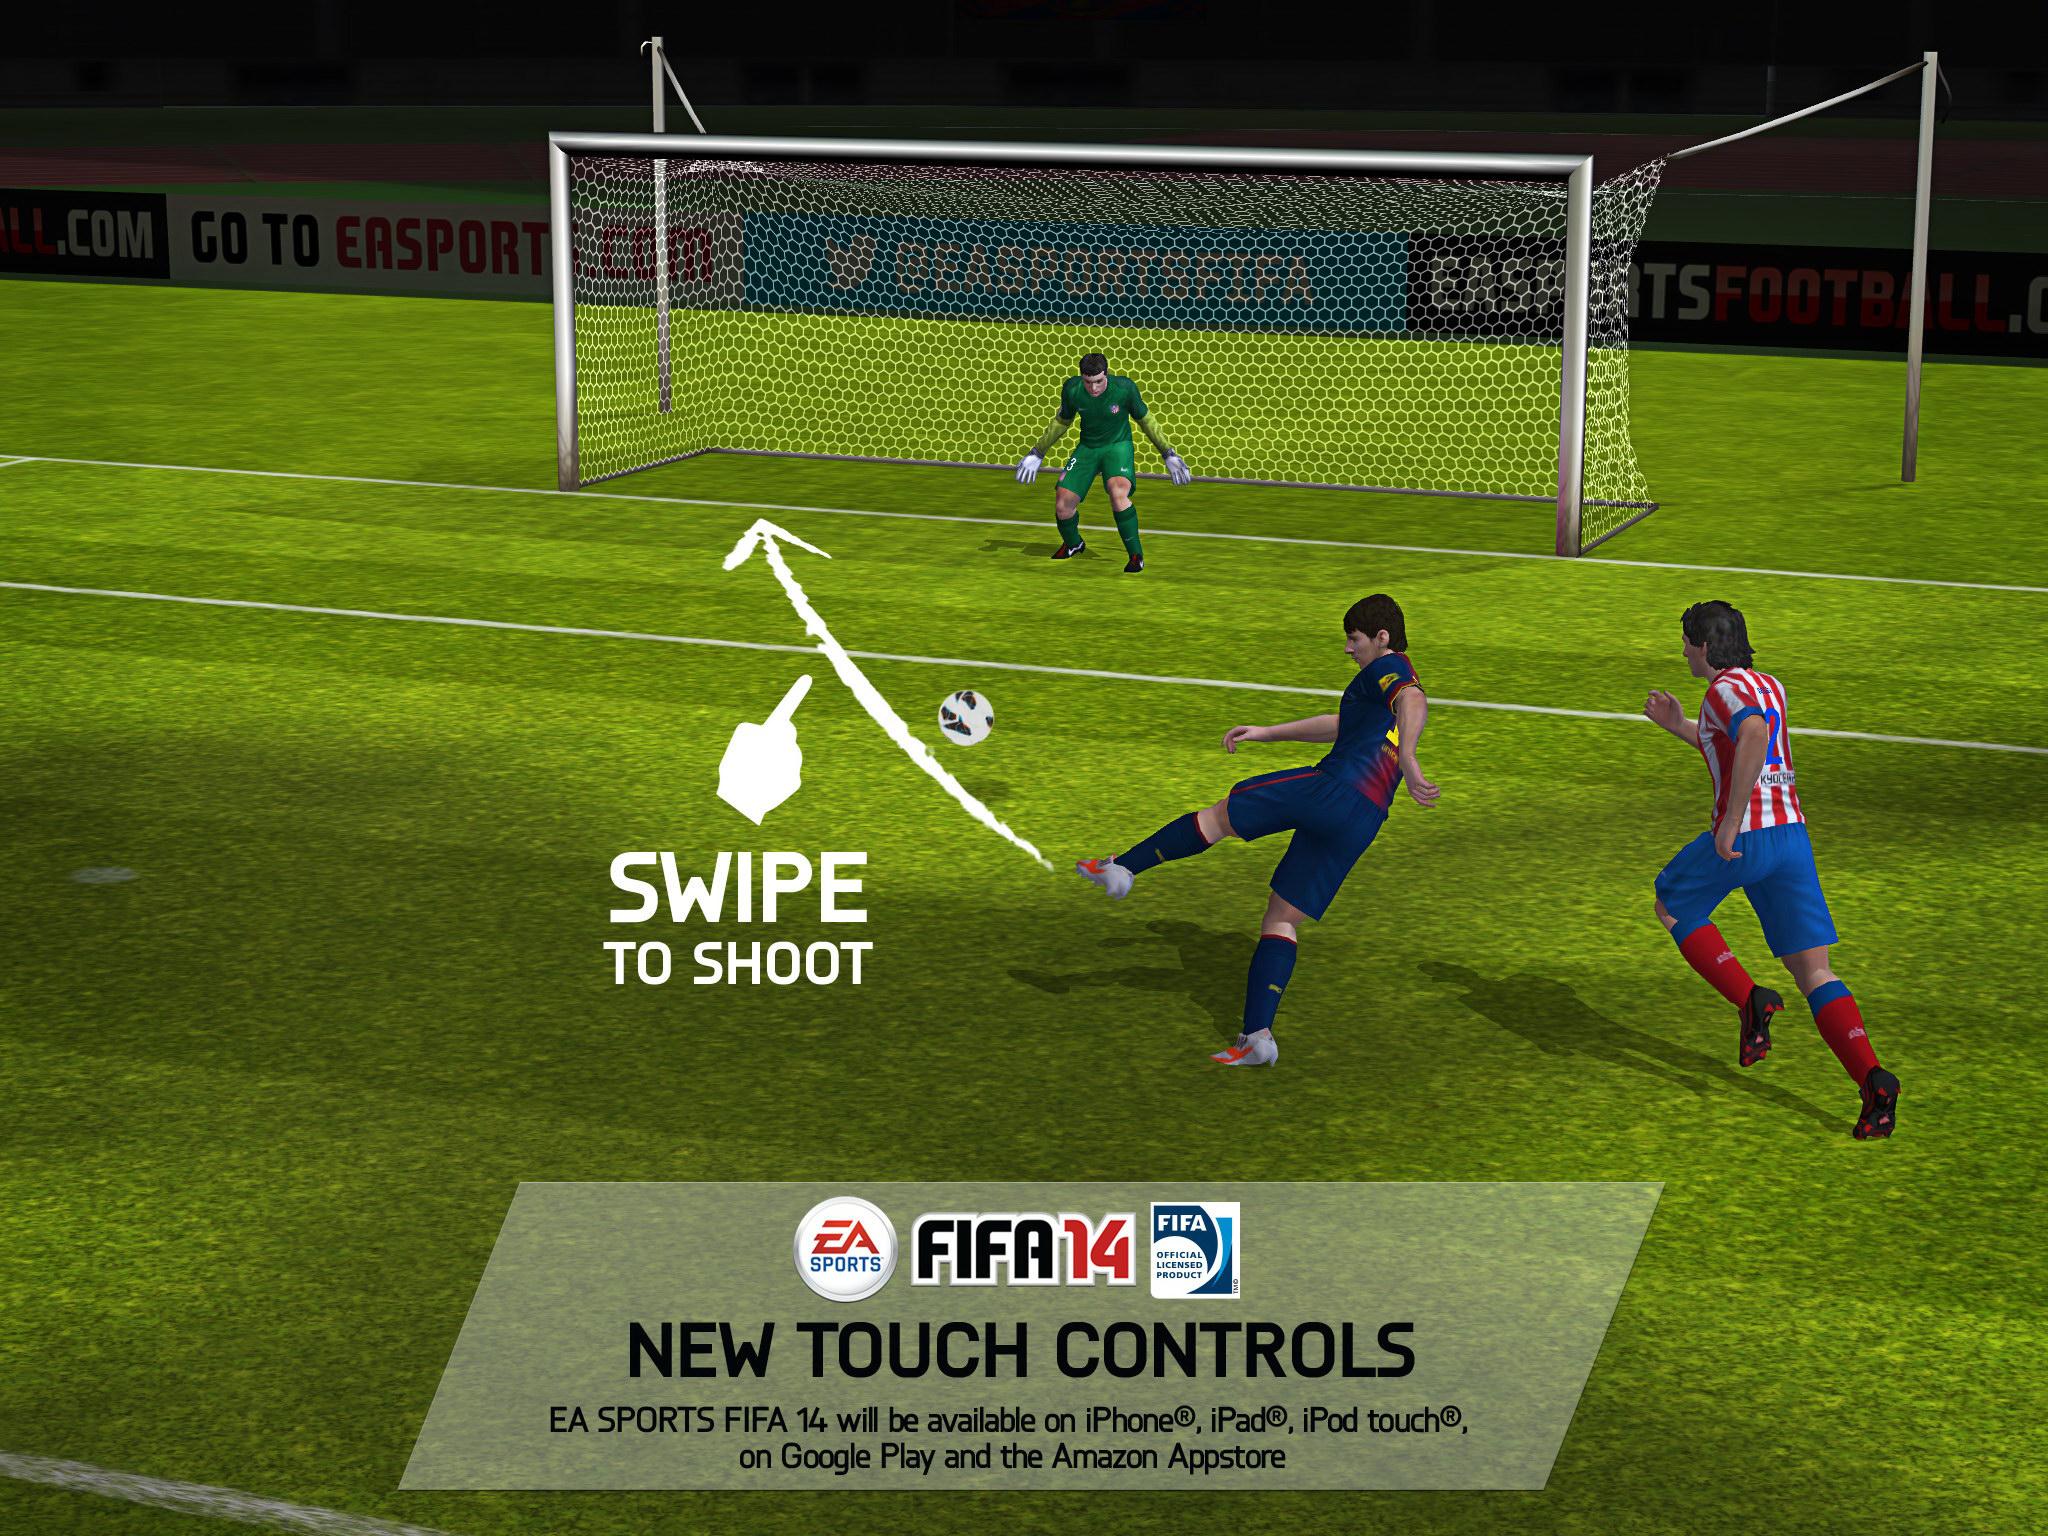 swipe-to-shoot_jpg_0x0_q85